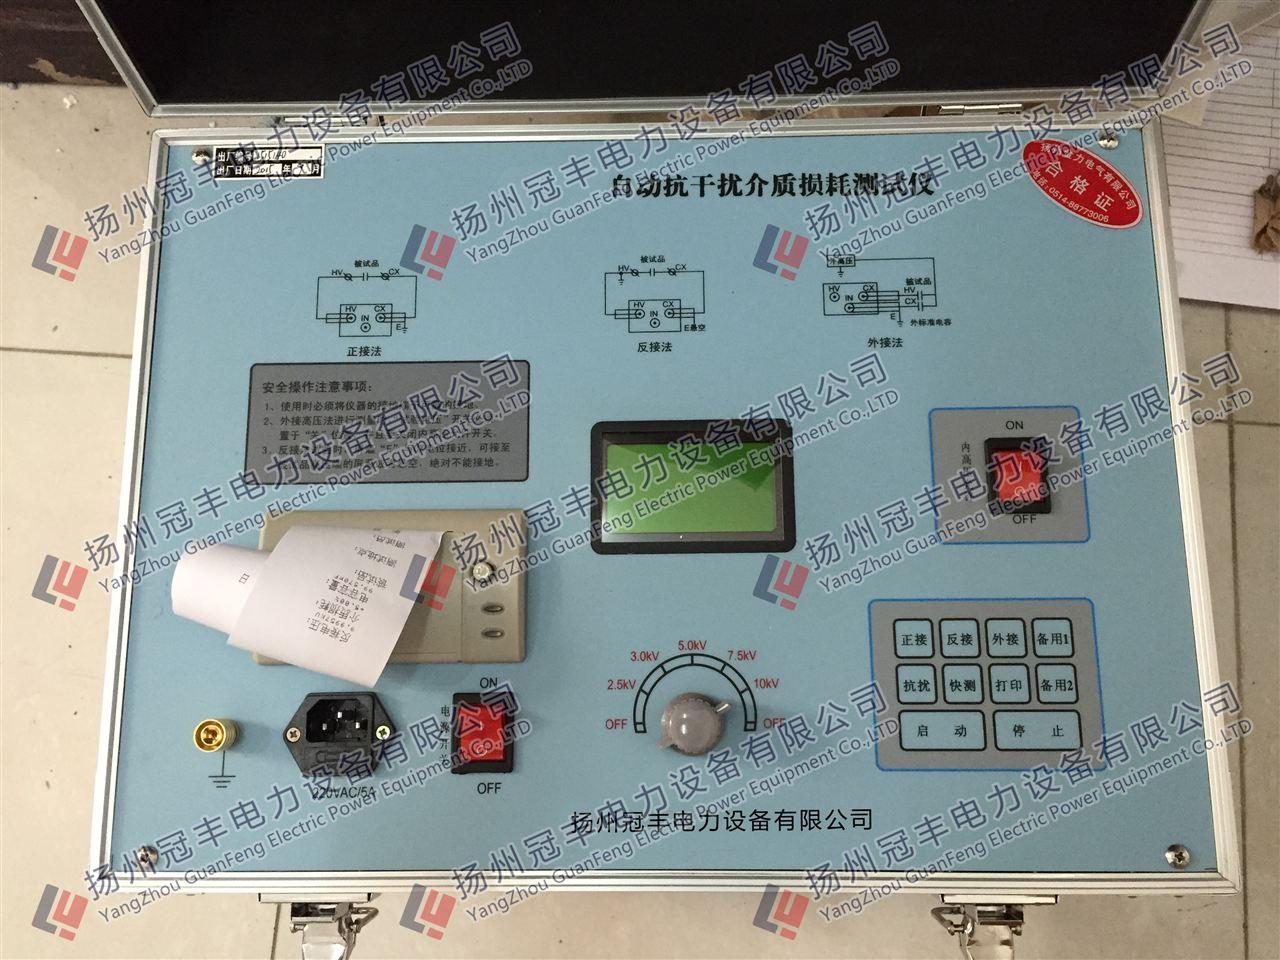 输入电源: 180v~270vac,50hz/60hz±1%,市电或发电机供电